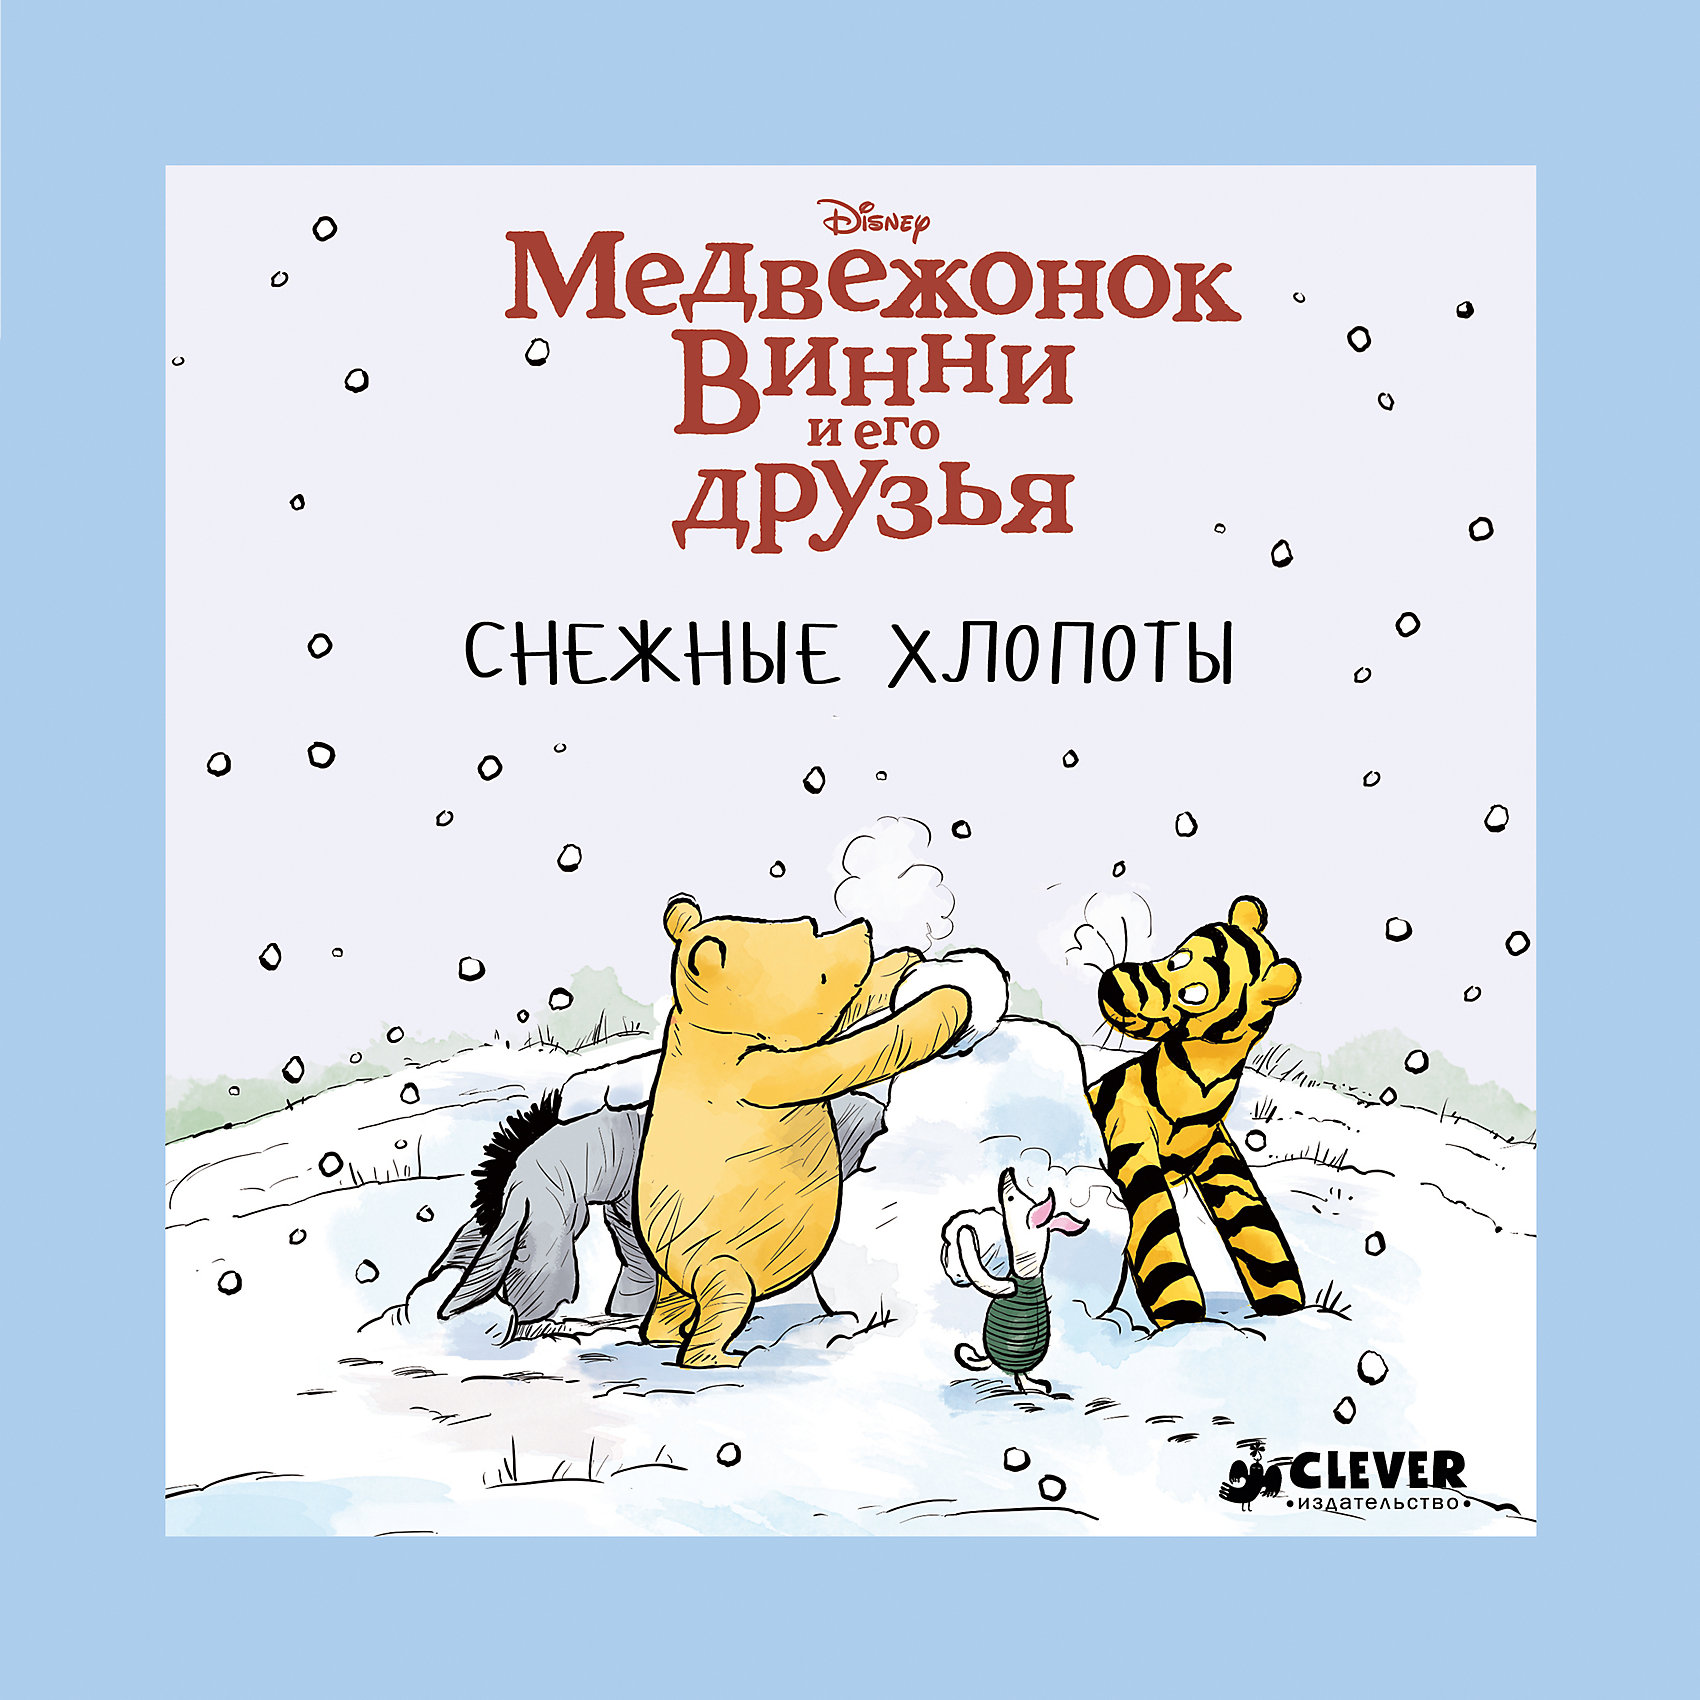 Снежные хлопоты, Медвежонок Винни и его друзьяПервые книги малыша<br>Характеристики книги Снежные хлопоты, Медвежонок Винни и его друзья:<br><br>• возраст: от 4 лет<br>• герой: Винни – Пух<br>• пол: для мальчиков и девочек<br>• материал: картон, бумага.<br>• количество страниц: 16.<br>• размер книги: 21.5х21.5х0.8 см.<br>• тип обложки: твердый.<br>• иллюстрации: цветные.<br>• бренд: издательство clever<br>• страна обладатель бренда: Россия.<br><br>Детская книжка Снежные хлопоты из серии Медвежонок Винни и его друзья от издательства Clever - это рассказ о зимних приключениях милого и доброго мишки по имени Винни Пух в компании его лучших друзей. Книга иллюстрированна красивыми цветными картинками, изображающими всех персонажей и сцены из повести.<br><br>Книгу Снежные хлопоты, Медвежонок Винни и его друзья можно купить в нашем интернет-магазине.<br><br>Ширина мм: 215<br>Глубина мм: 215<br>Высота мм: 8<br>Вес г: 302<br>Возраст от месяцев: 48<br>Возраст до месяцев: 72<br>Пол: Унисекс<br>Возраст: Детский<br>SKU: 5377754